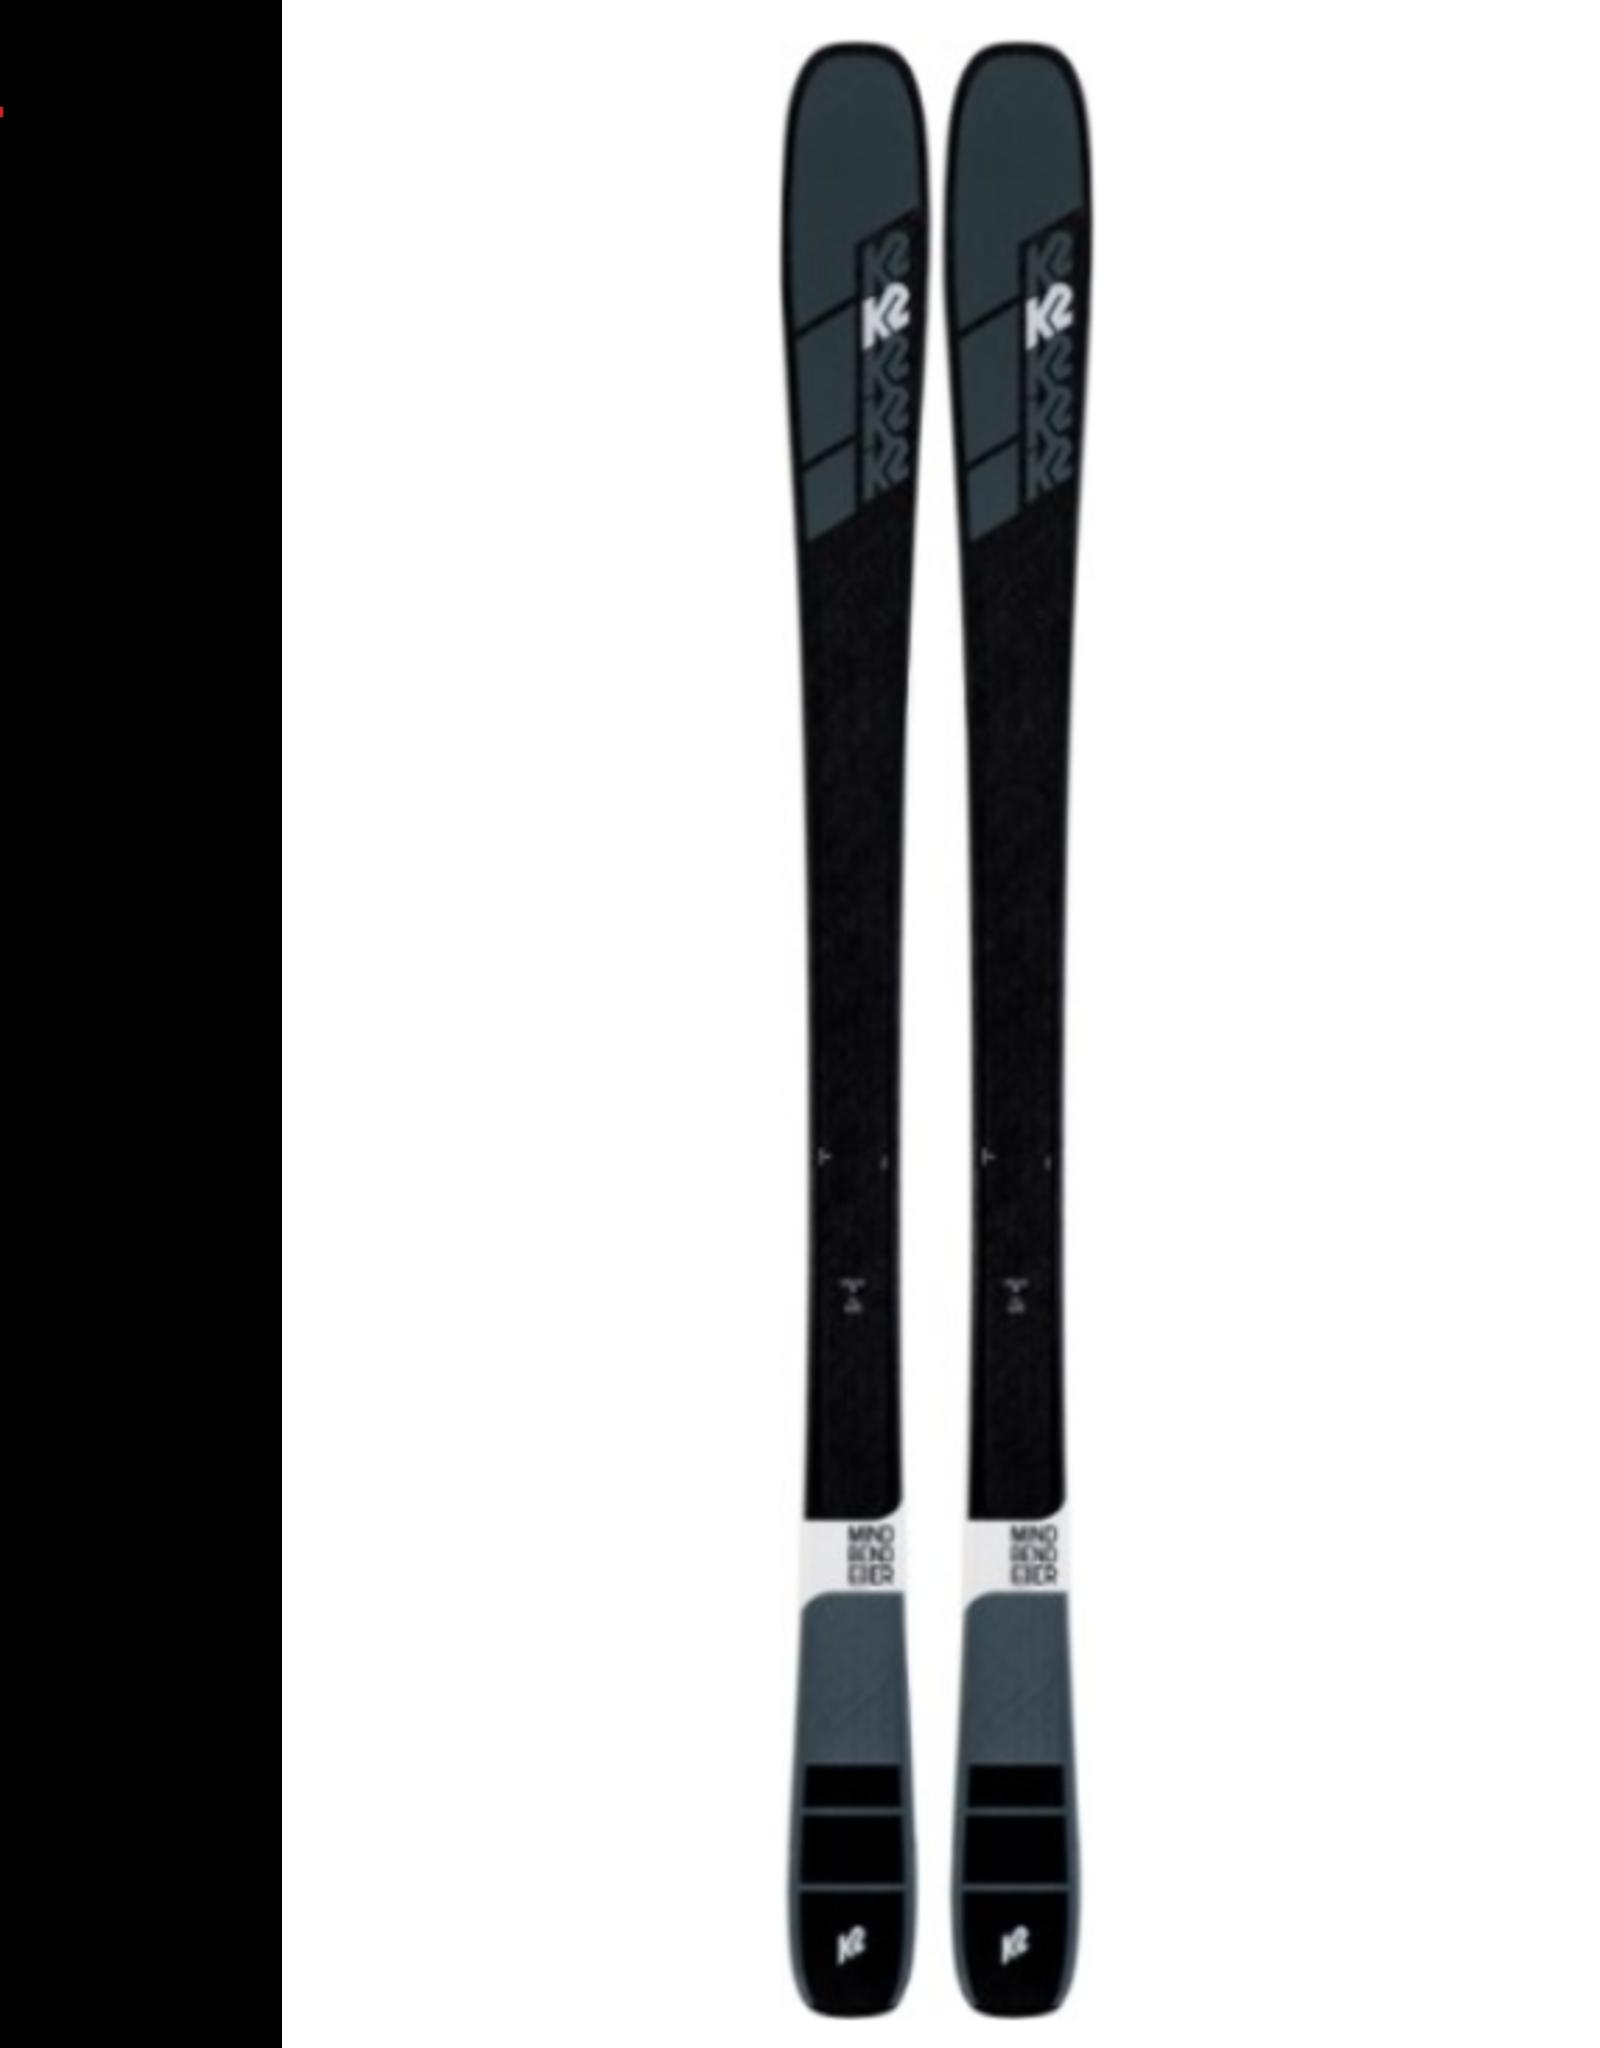 K2 K2 Skis MINDBENDER 85 (19/20)